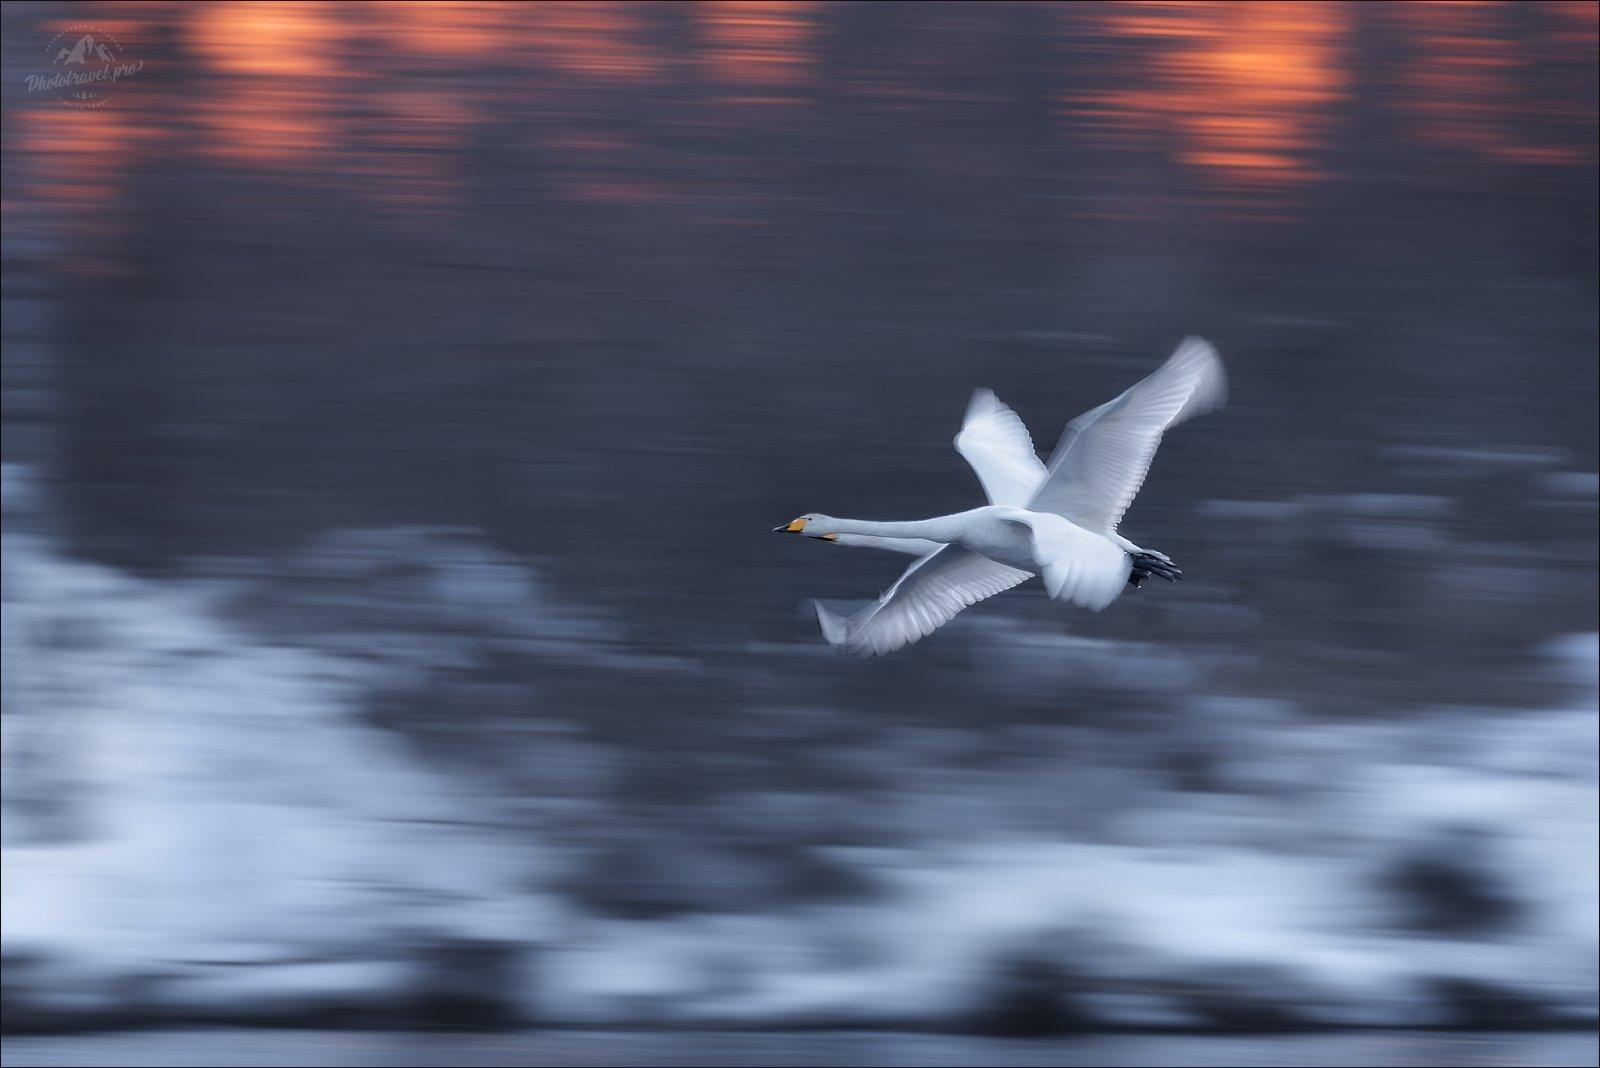 Алтай, Алтайский край, зима, озеро, Светлое, Лебединое, лебеди, Влад Соколовский